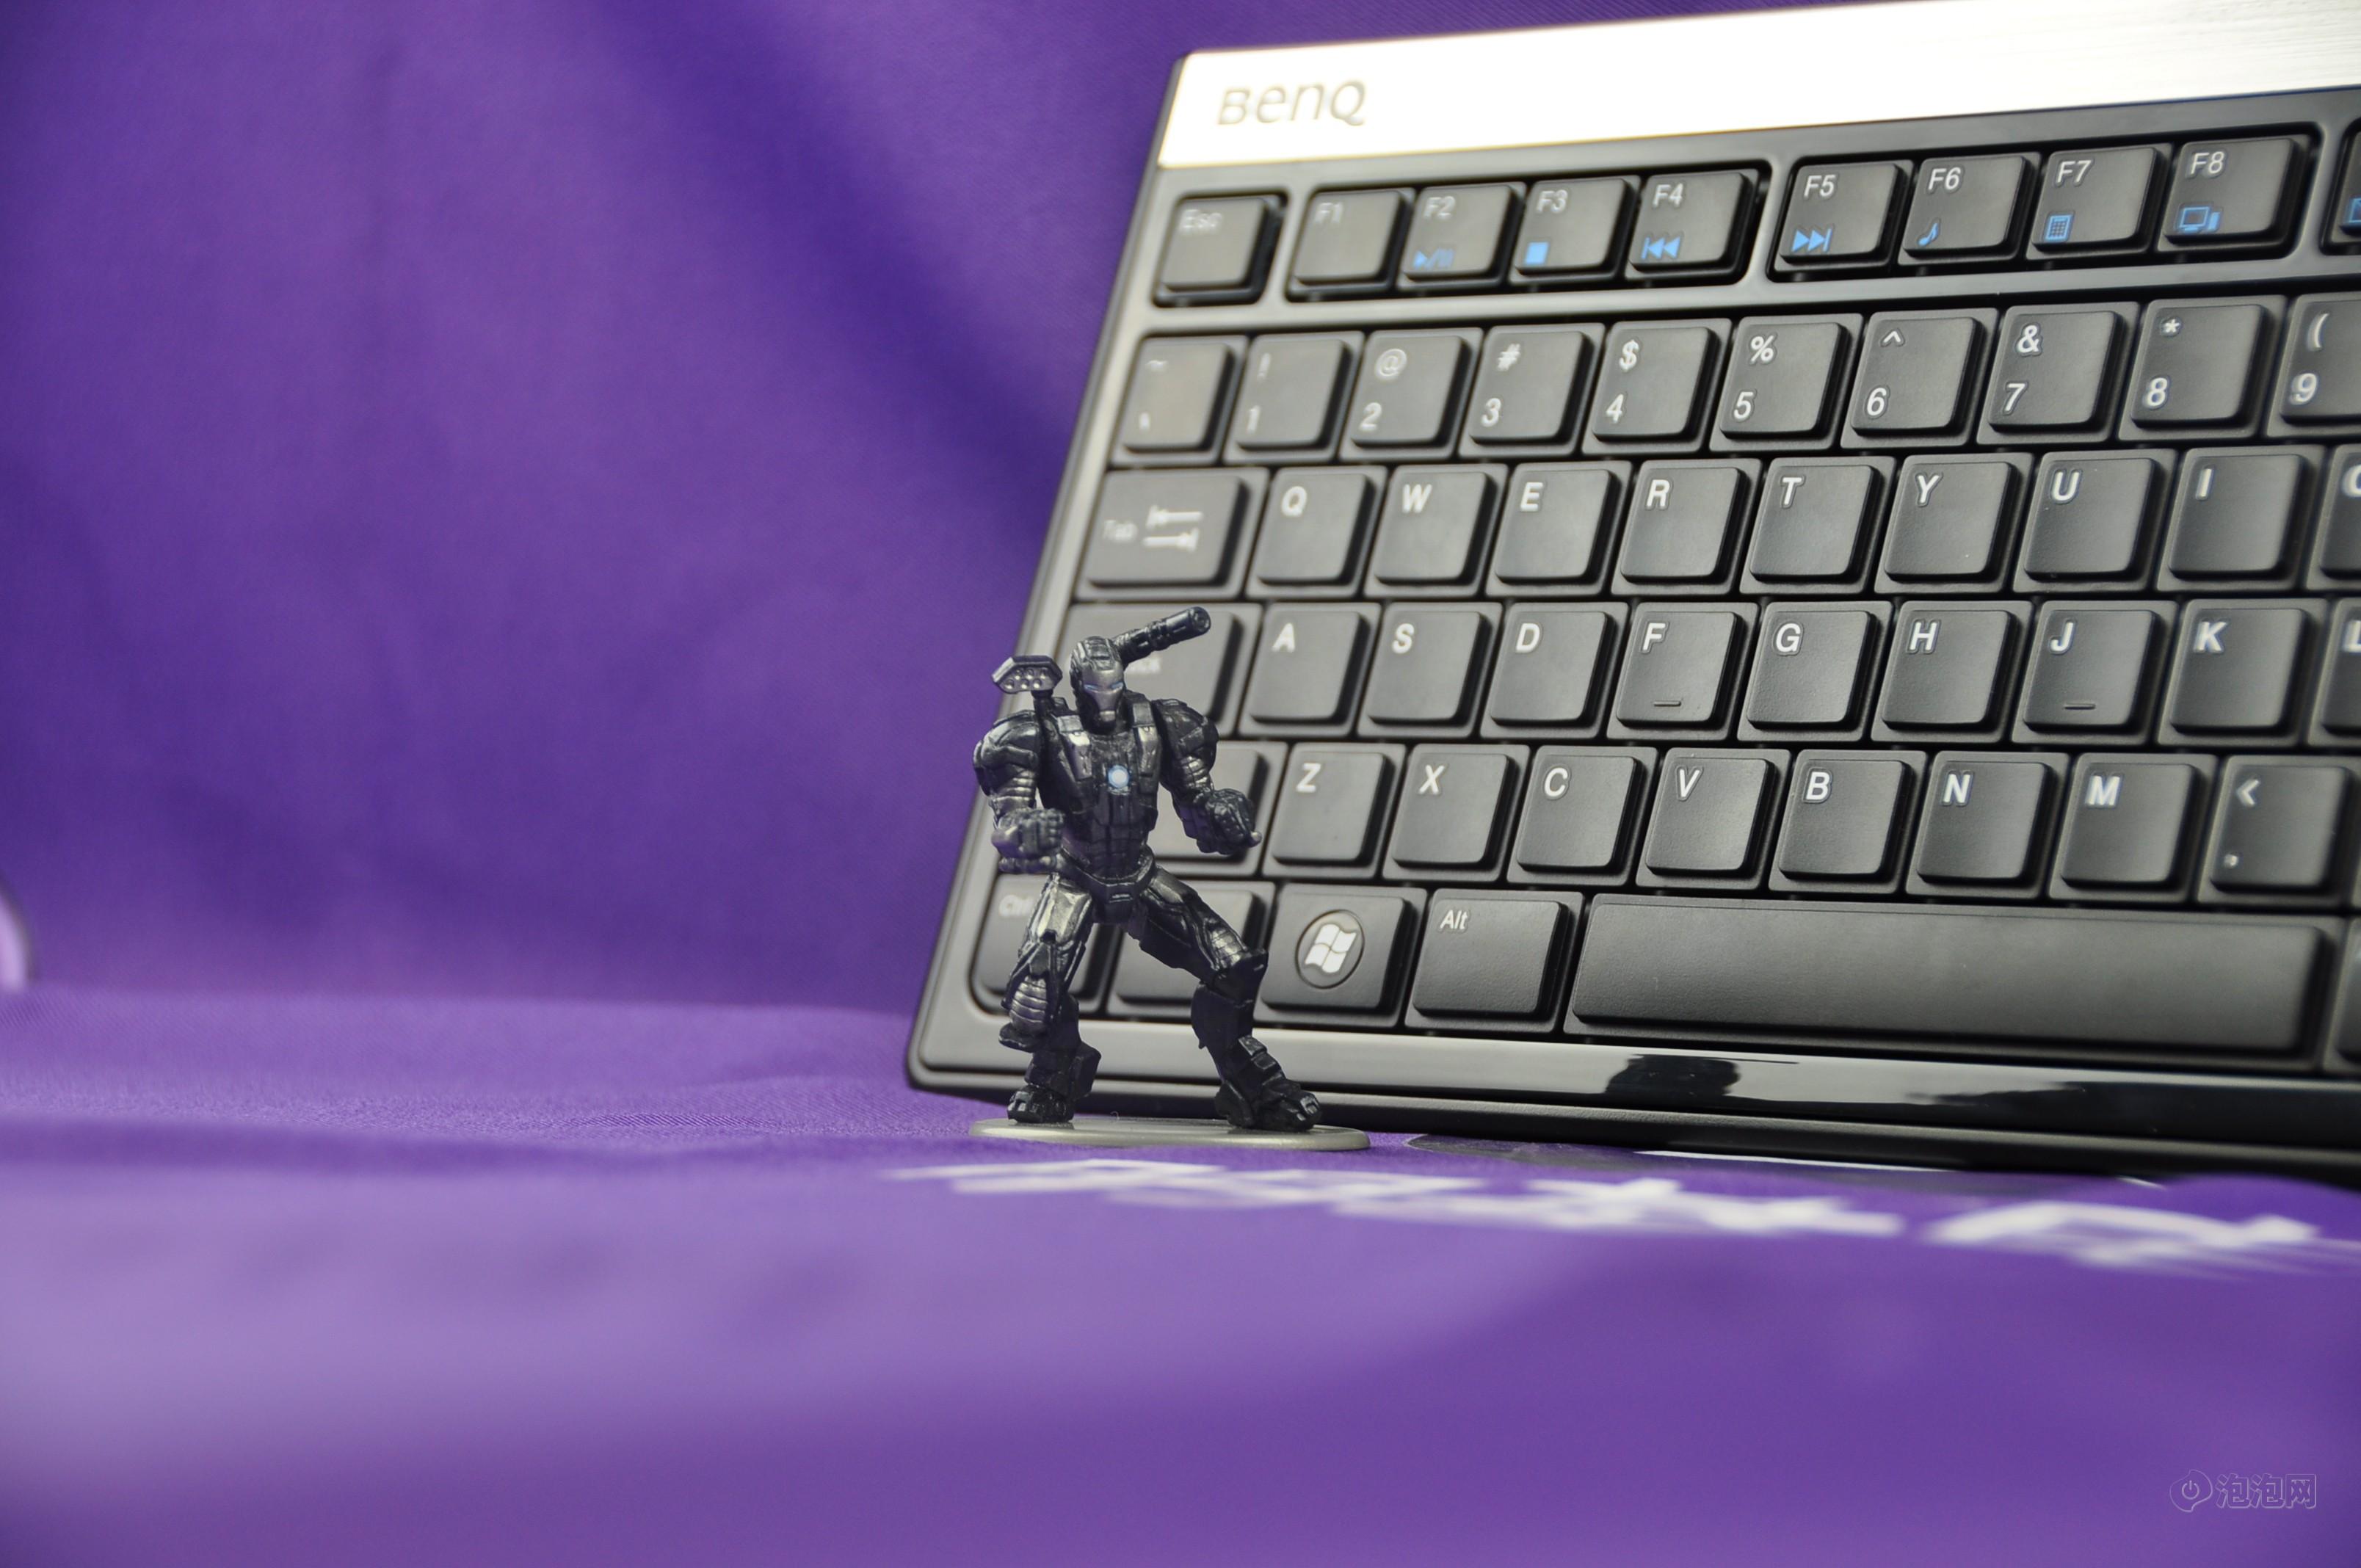 明基KX800精钢侠键盘原图 高清图片 KX800精钢侠图片 ...